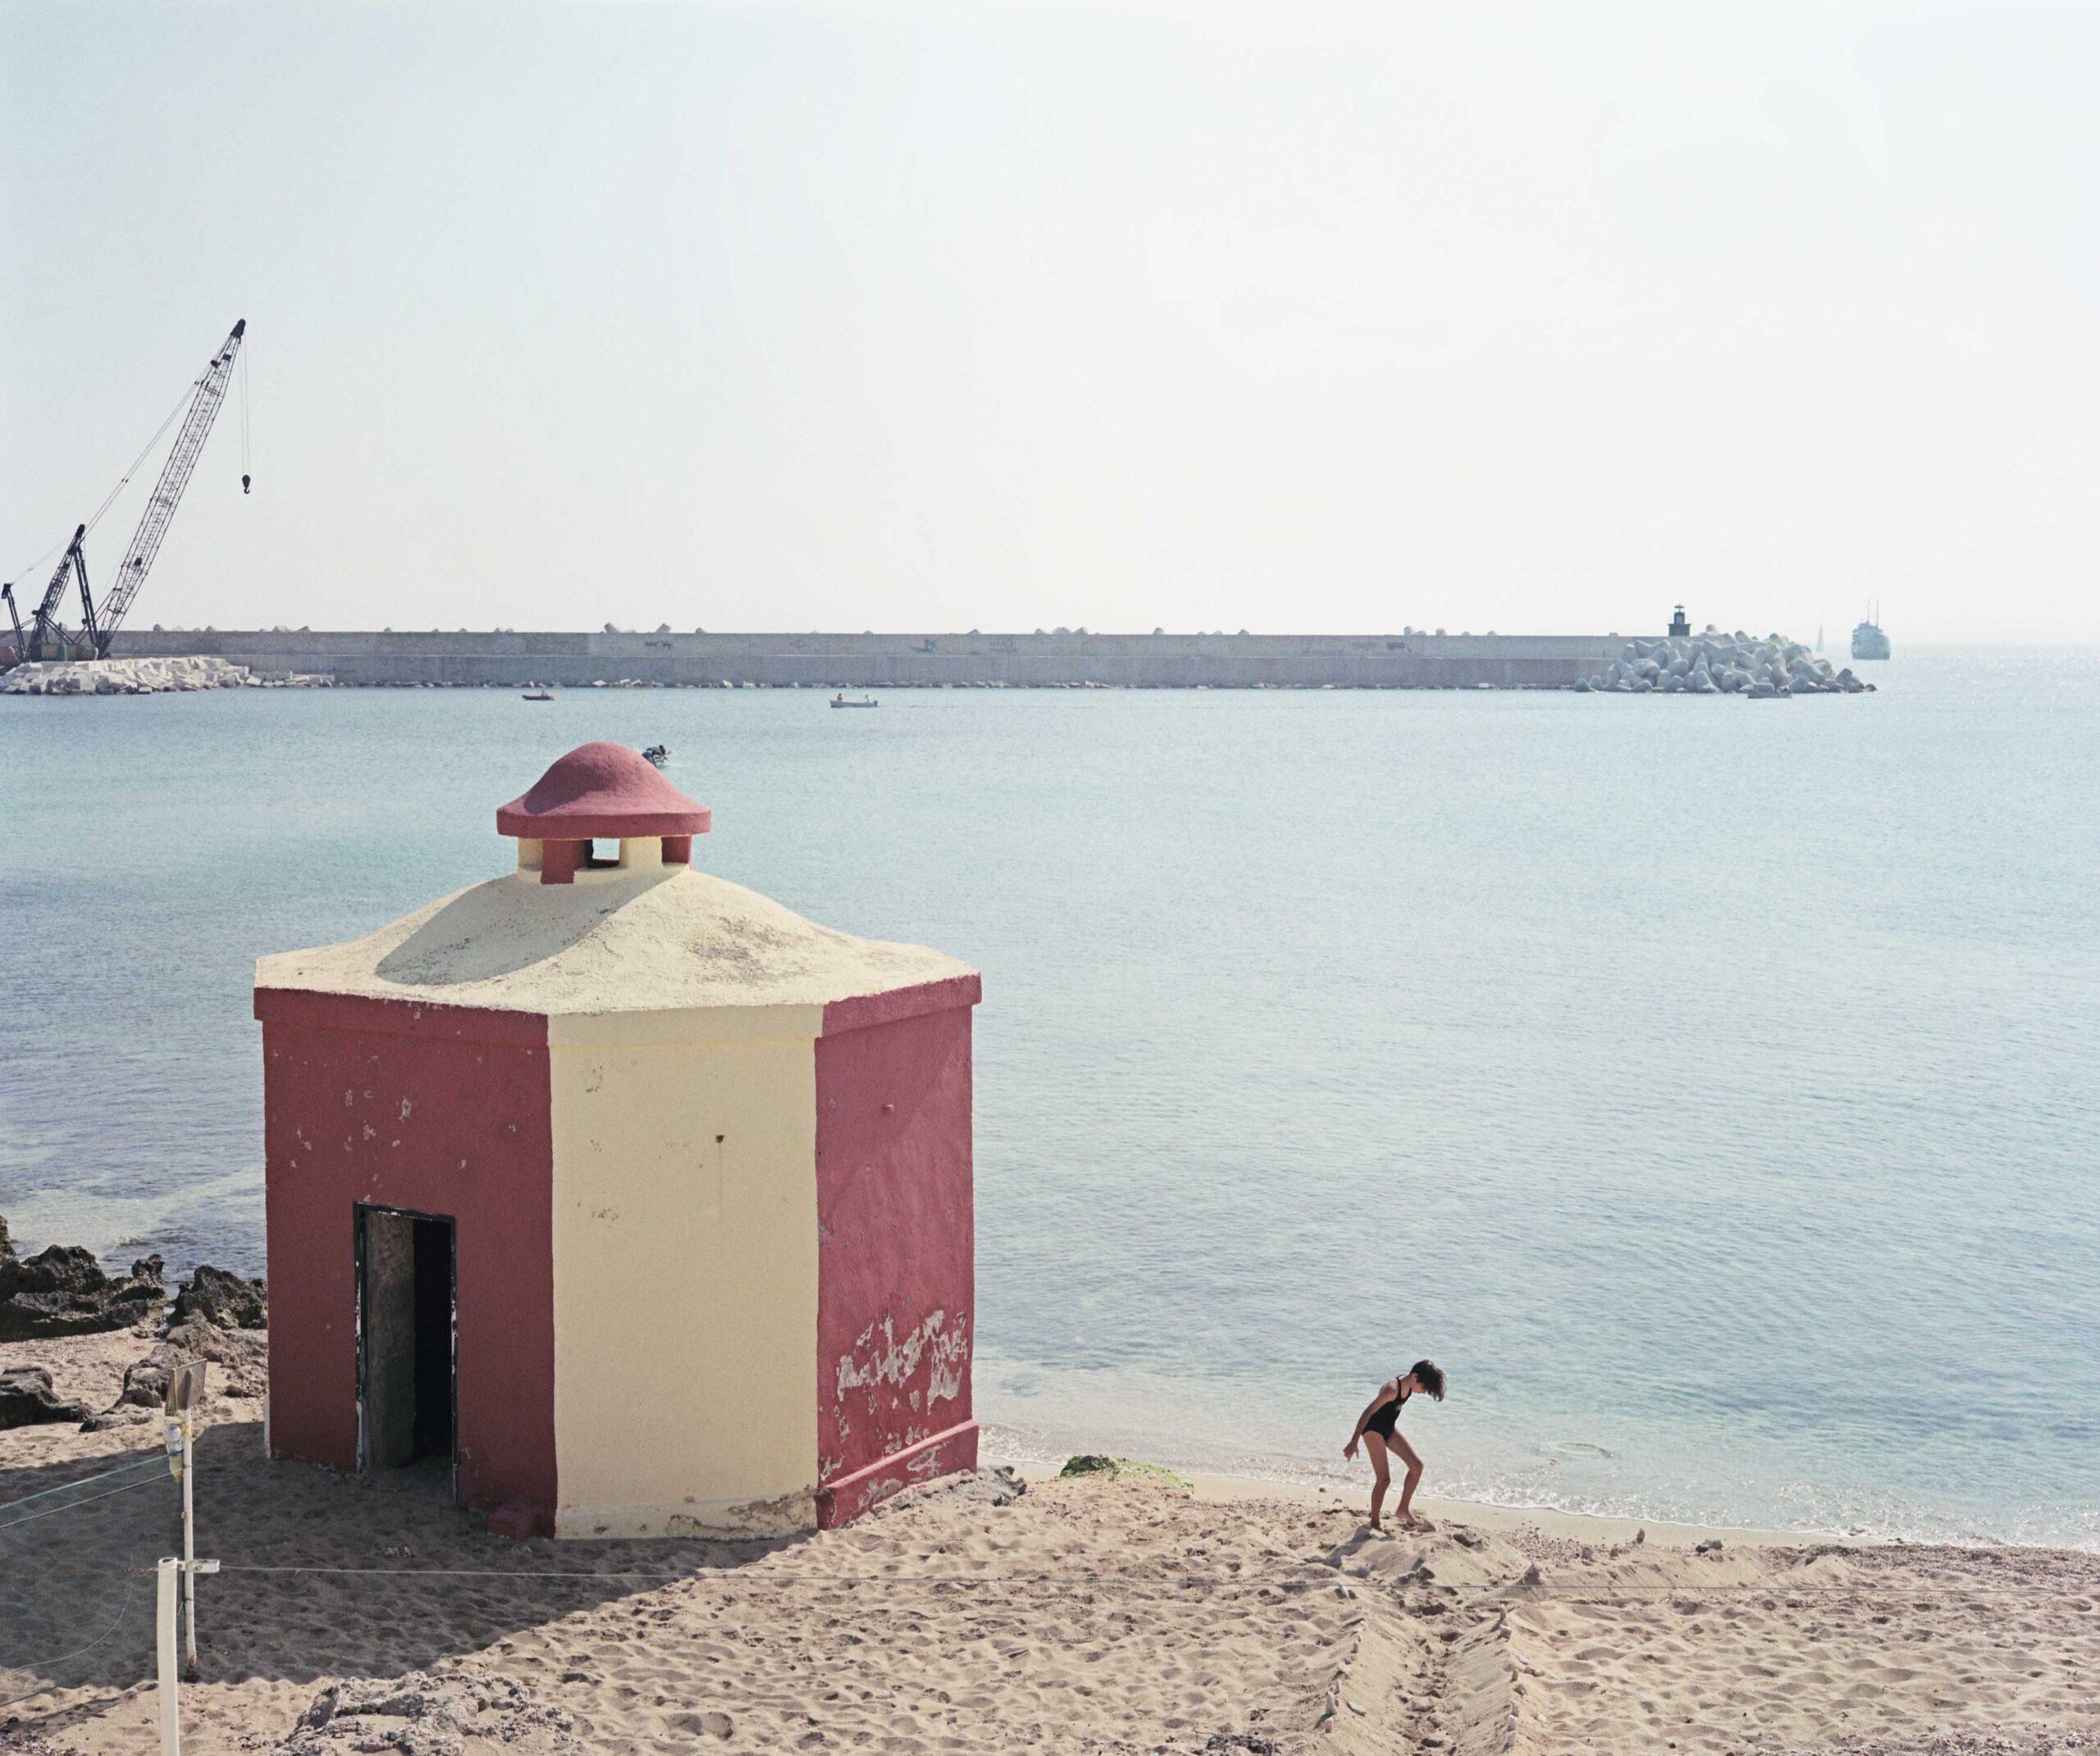 Il meglio della scena artistica contemporanea salentina. Da Lecce a Otranto, tutto quello che c'è da vedere